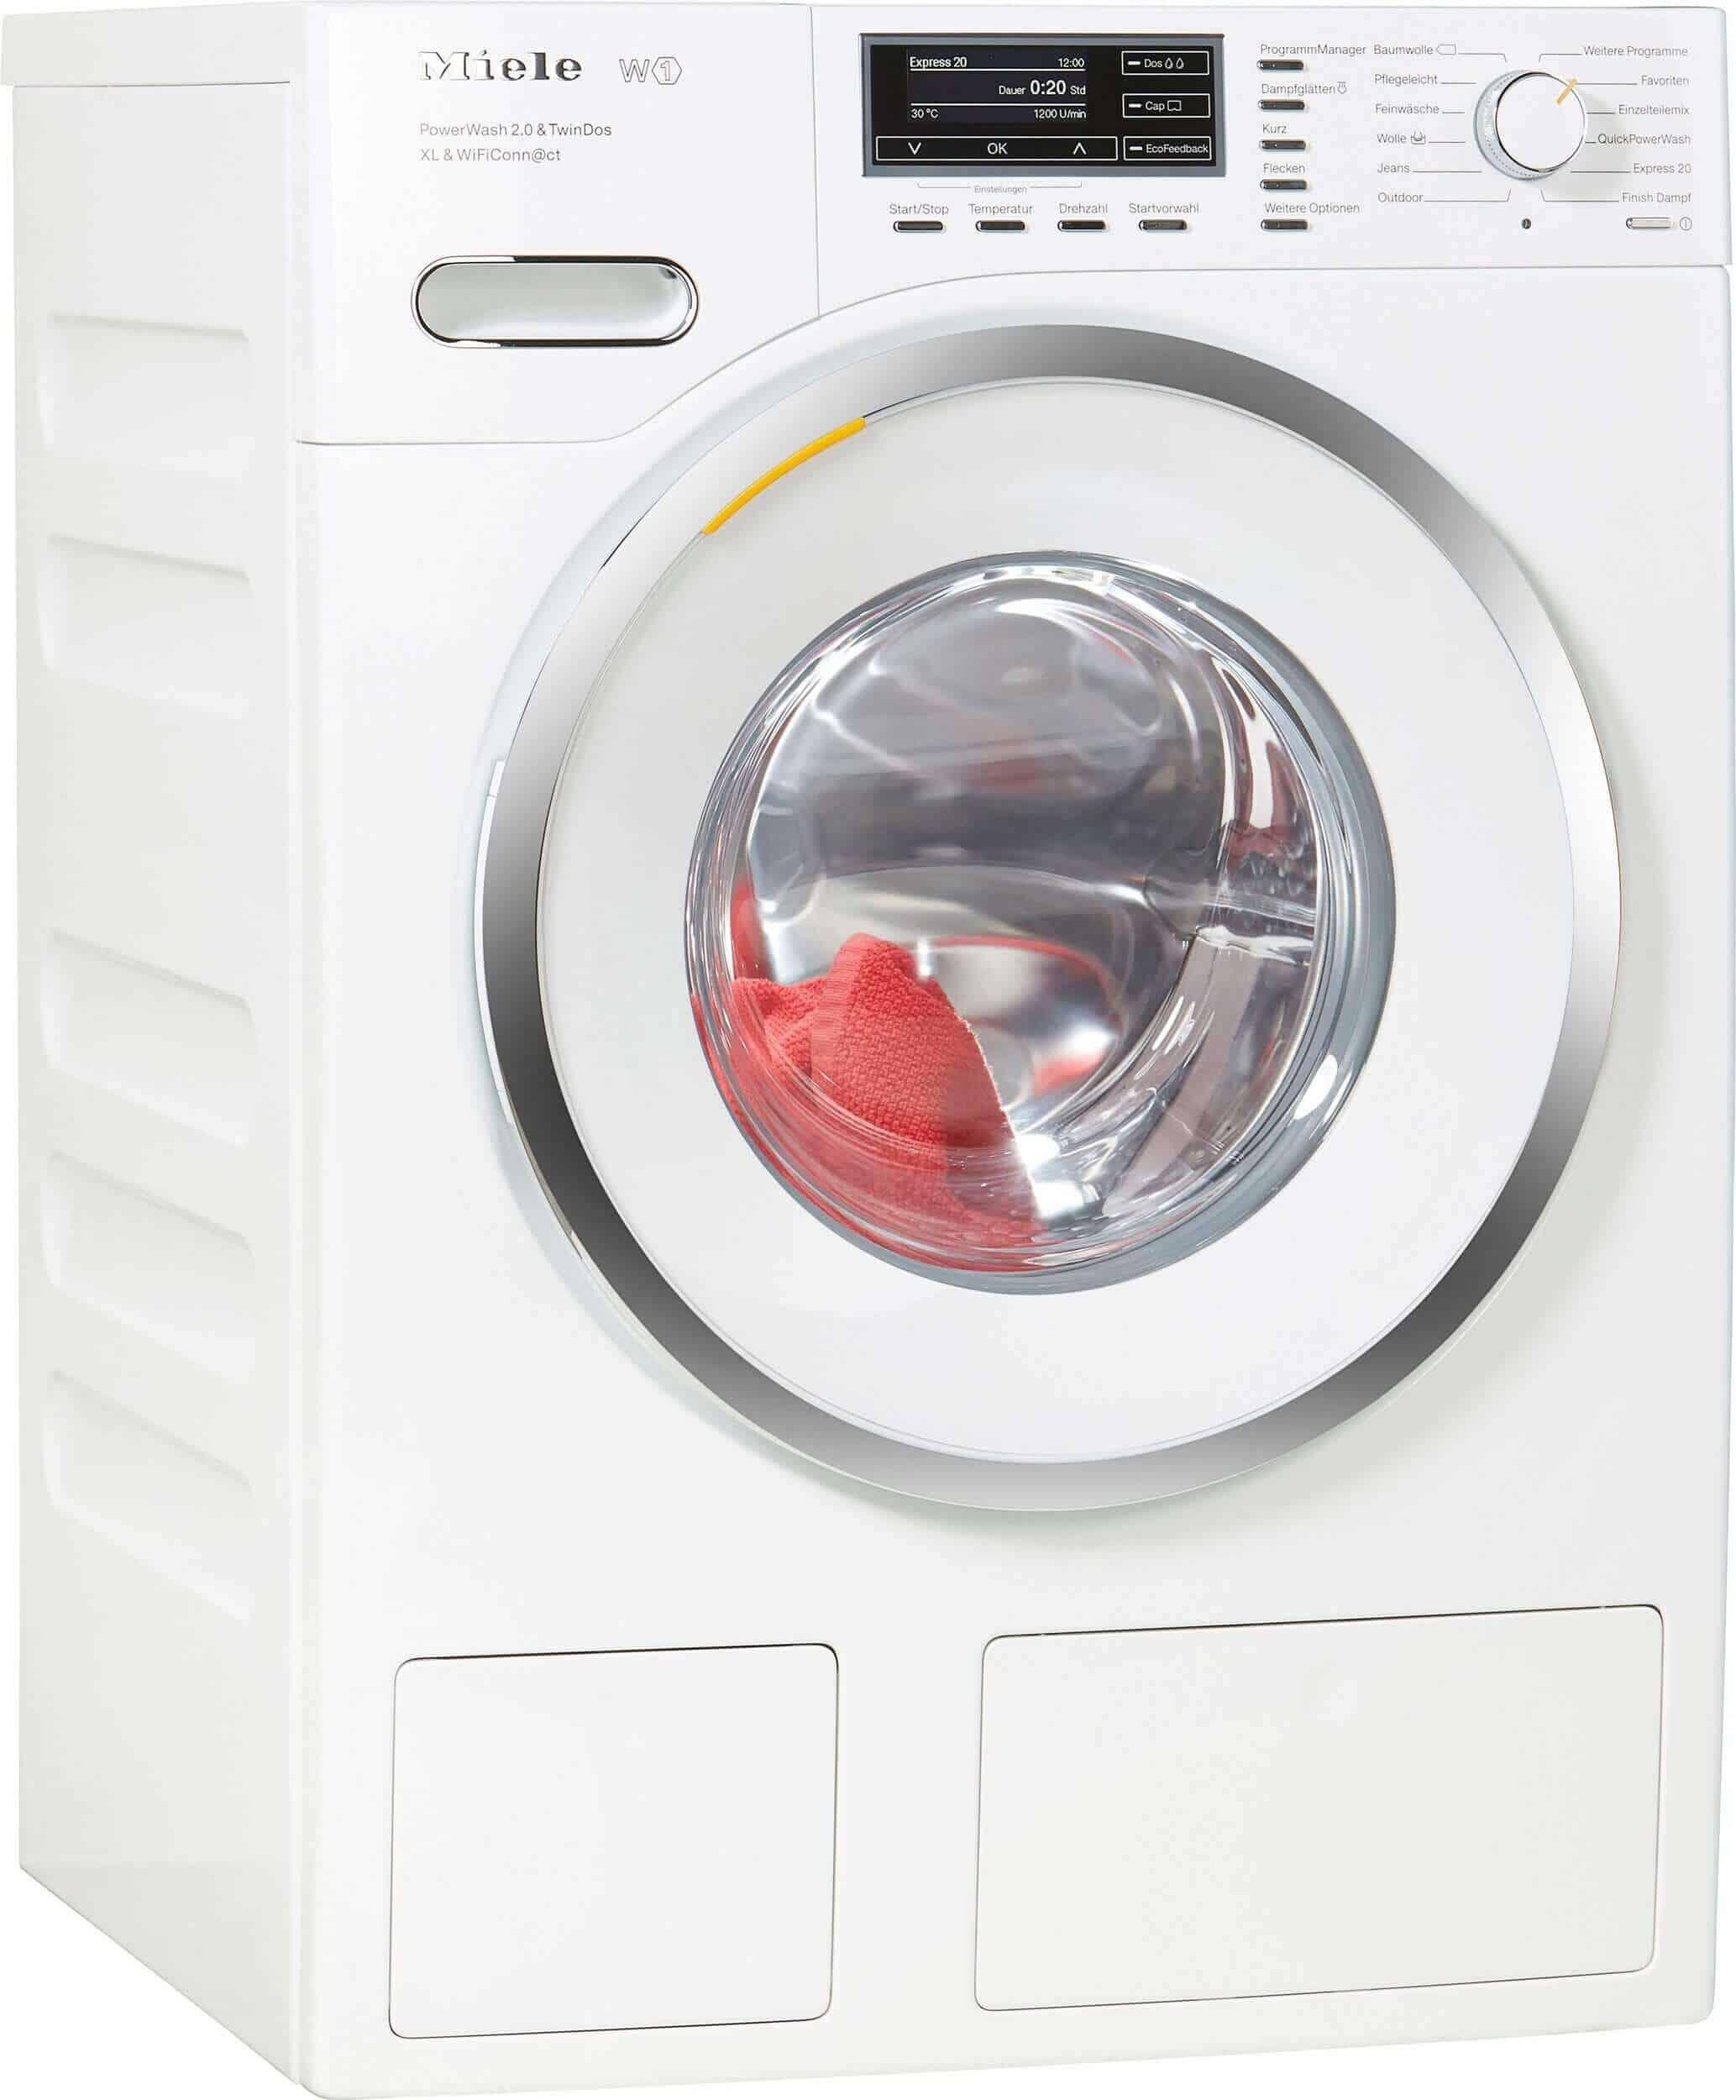 Miele Wmr 863 Wps Waschmaschine im Test 07/2018